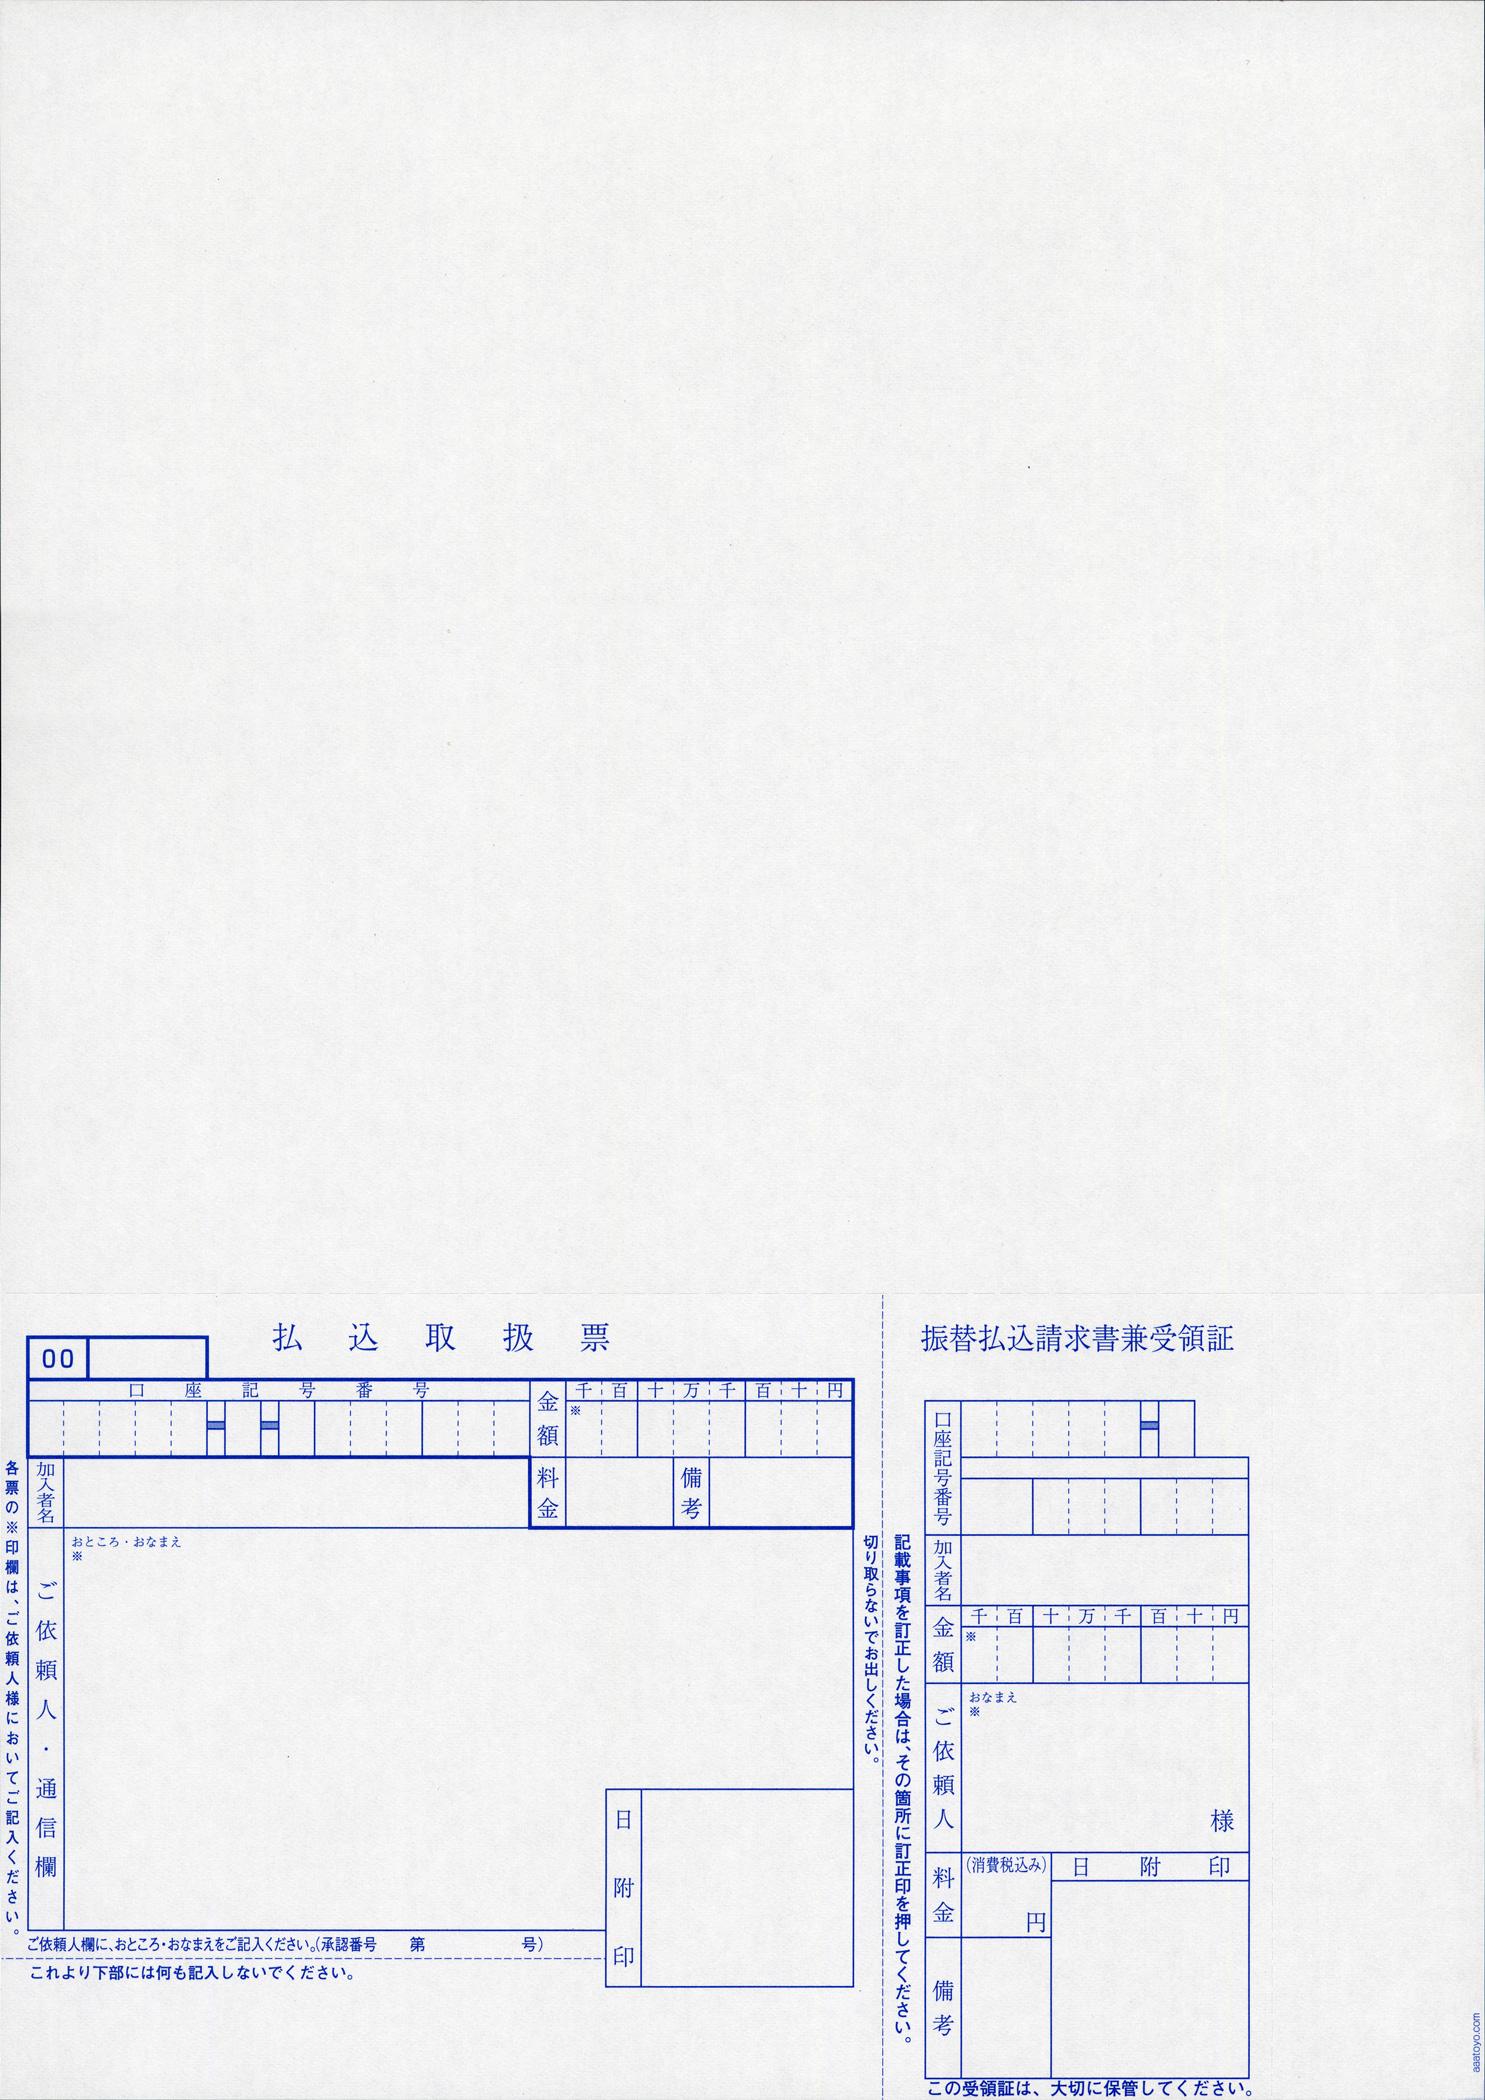 郵便振替払込書付A4プリンター用紙(払込人負担)青色 1,000枚画像